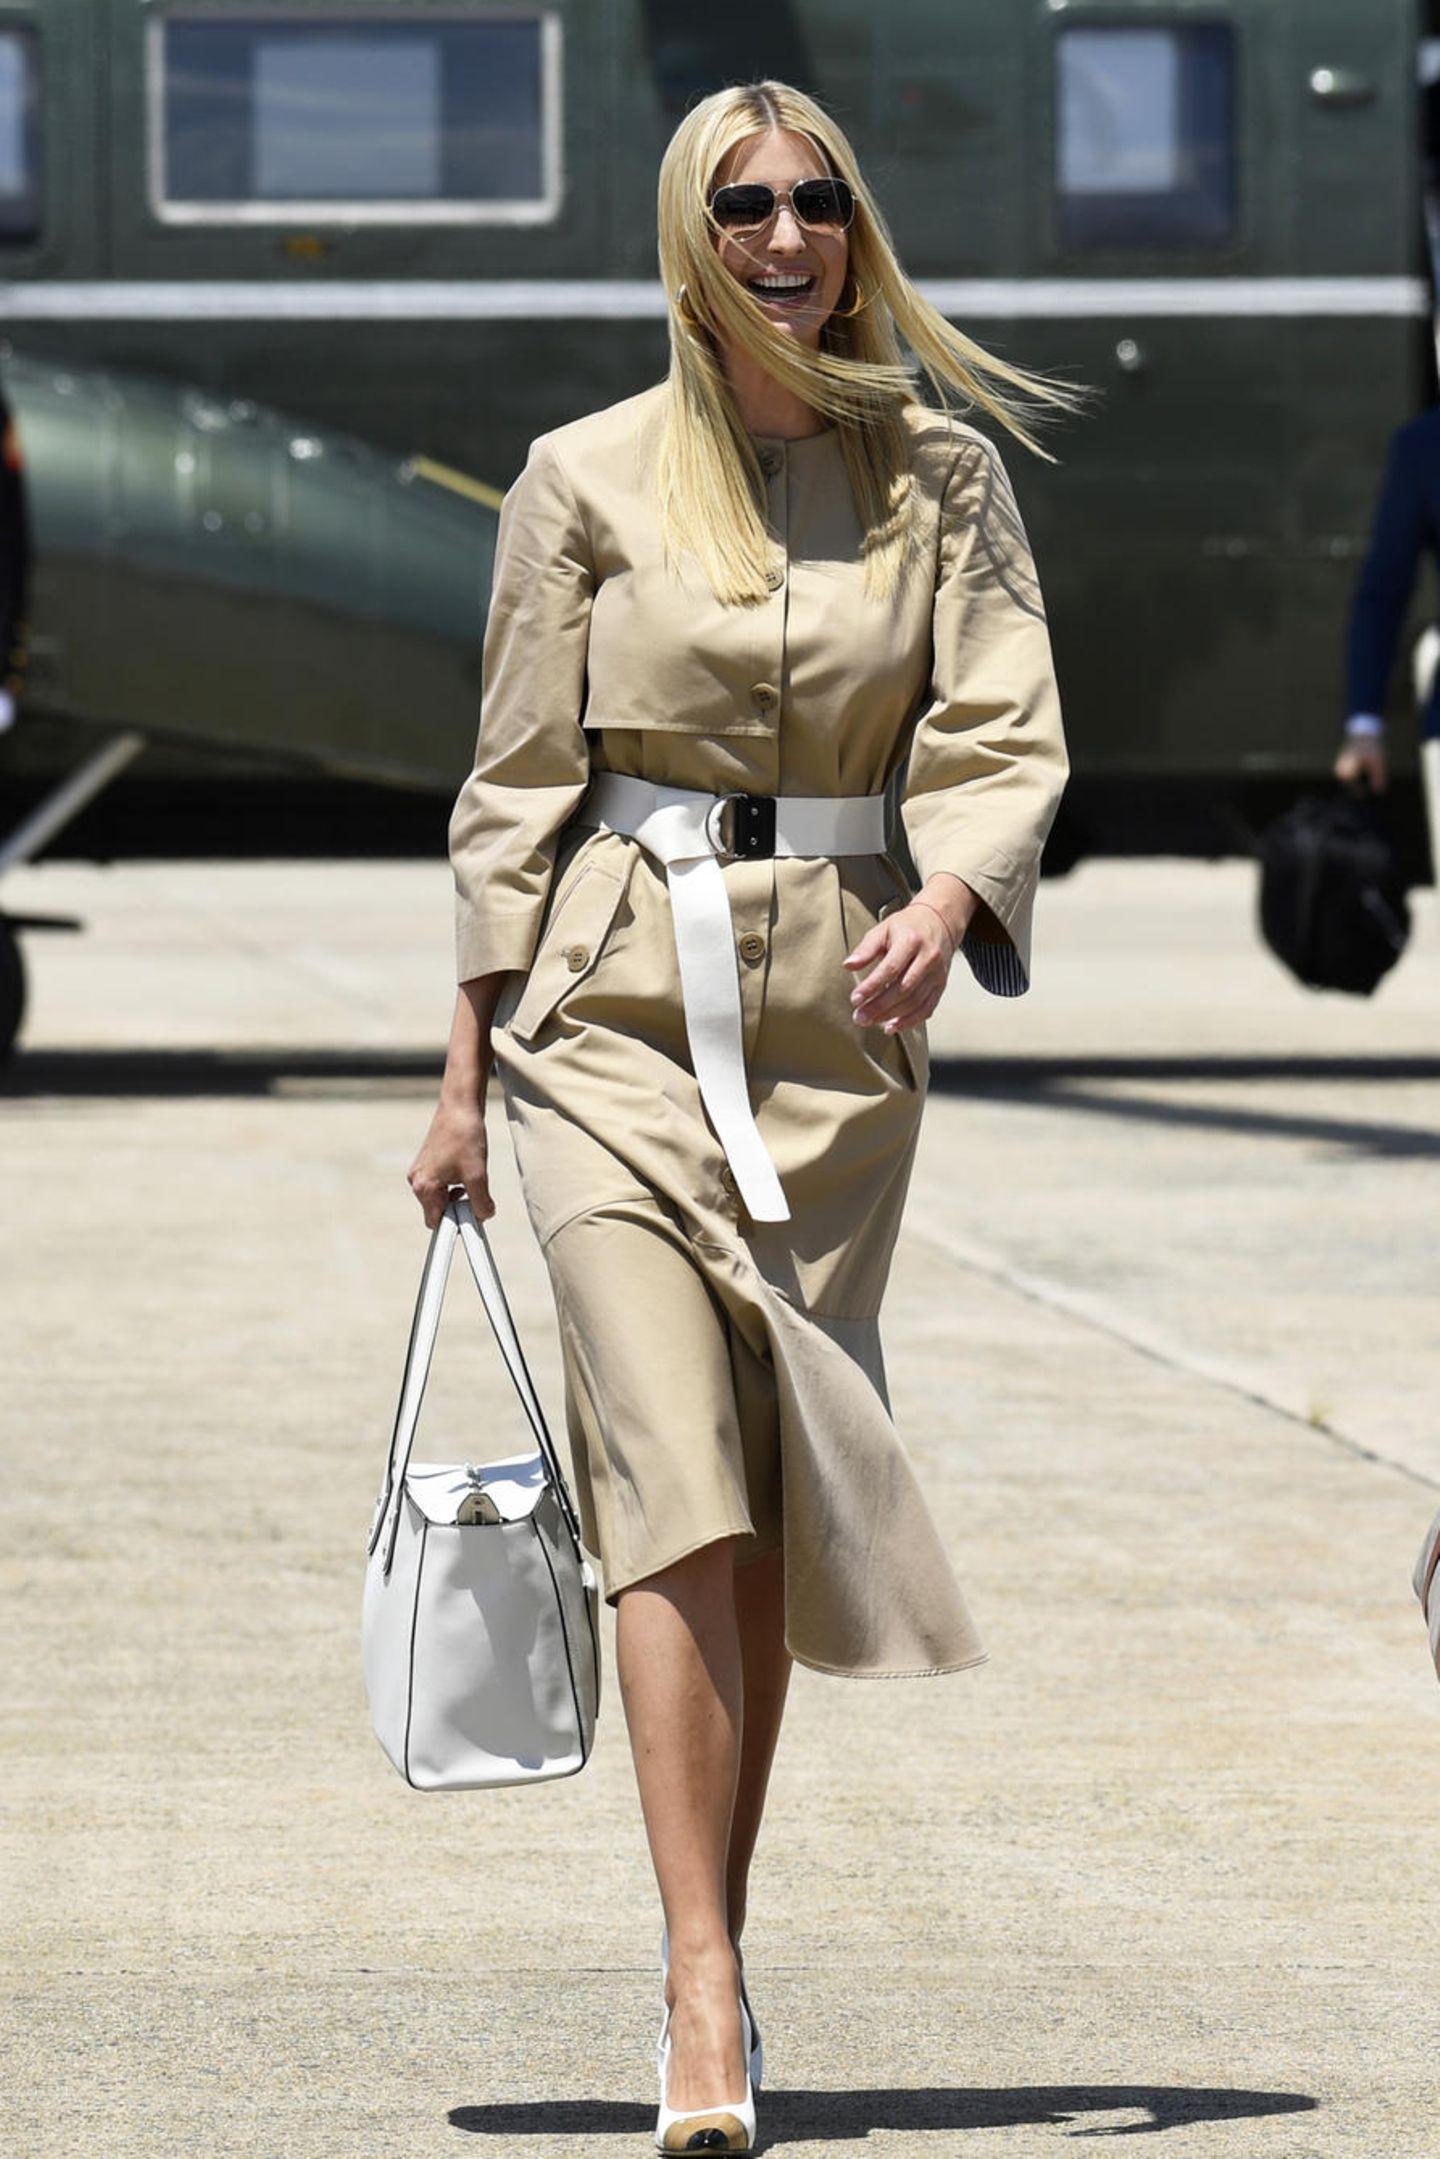 Der perfekte Travel-Look? First Daughter Ivanka Trump zeigt sich kurz vor ihrer Abreise nach Japan in einem stylischen Mantelkleid von Tibi für umgerechnet knapp 660 Euro. Das auf den ersten Blick eher schlichte Modell überzeugt mit raffinierten Details und einem weißen, sportiven Taillengürtel.